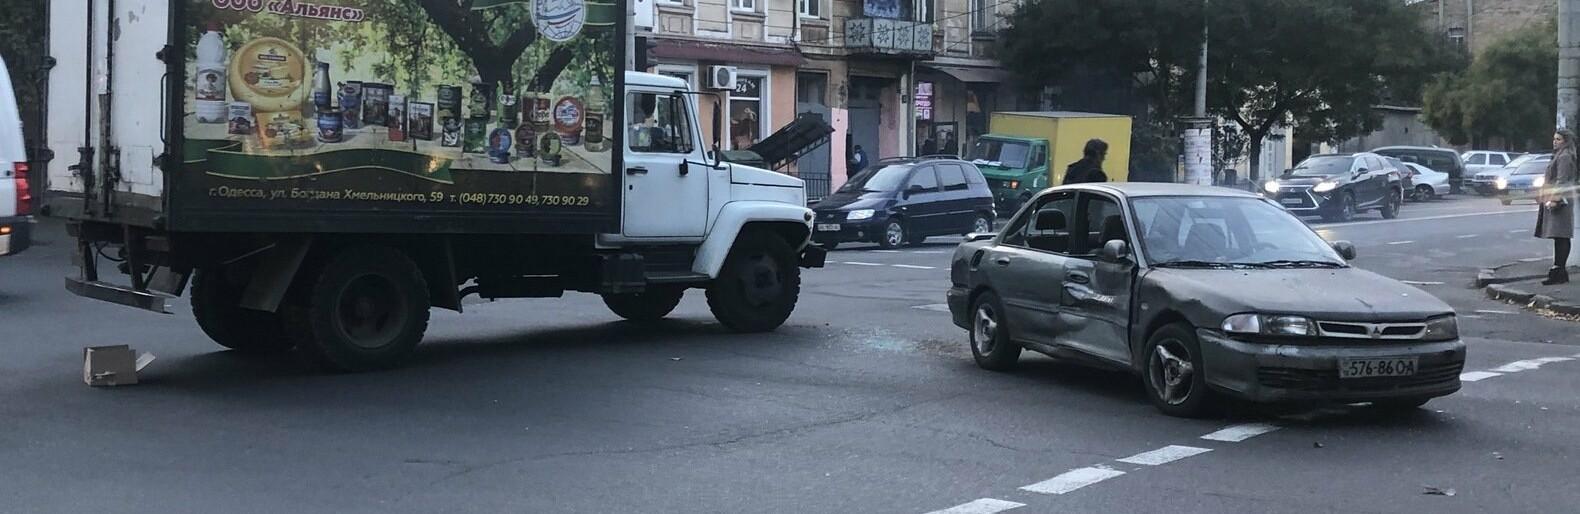 ДТП: в Одессе грузовик протаранил Mitsubishi, - ФОТО0